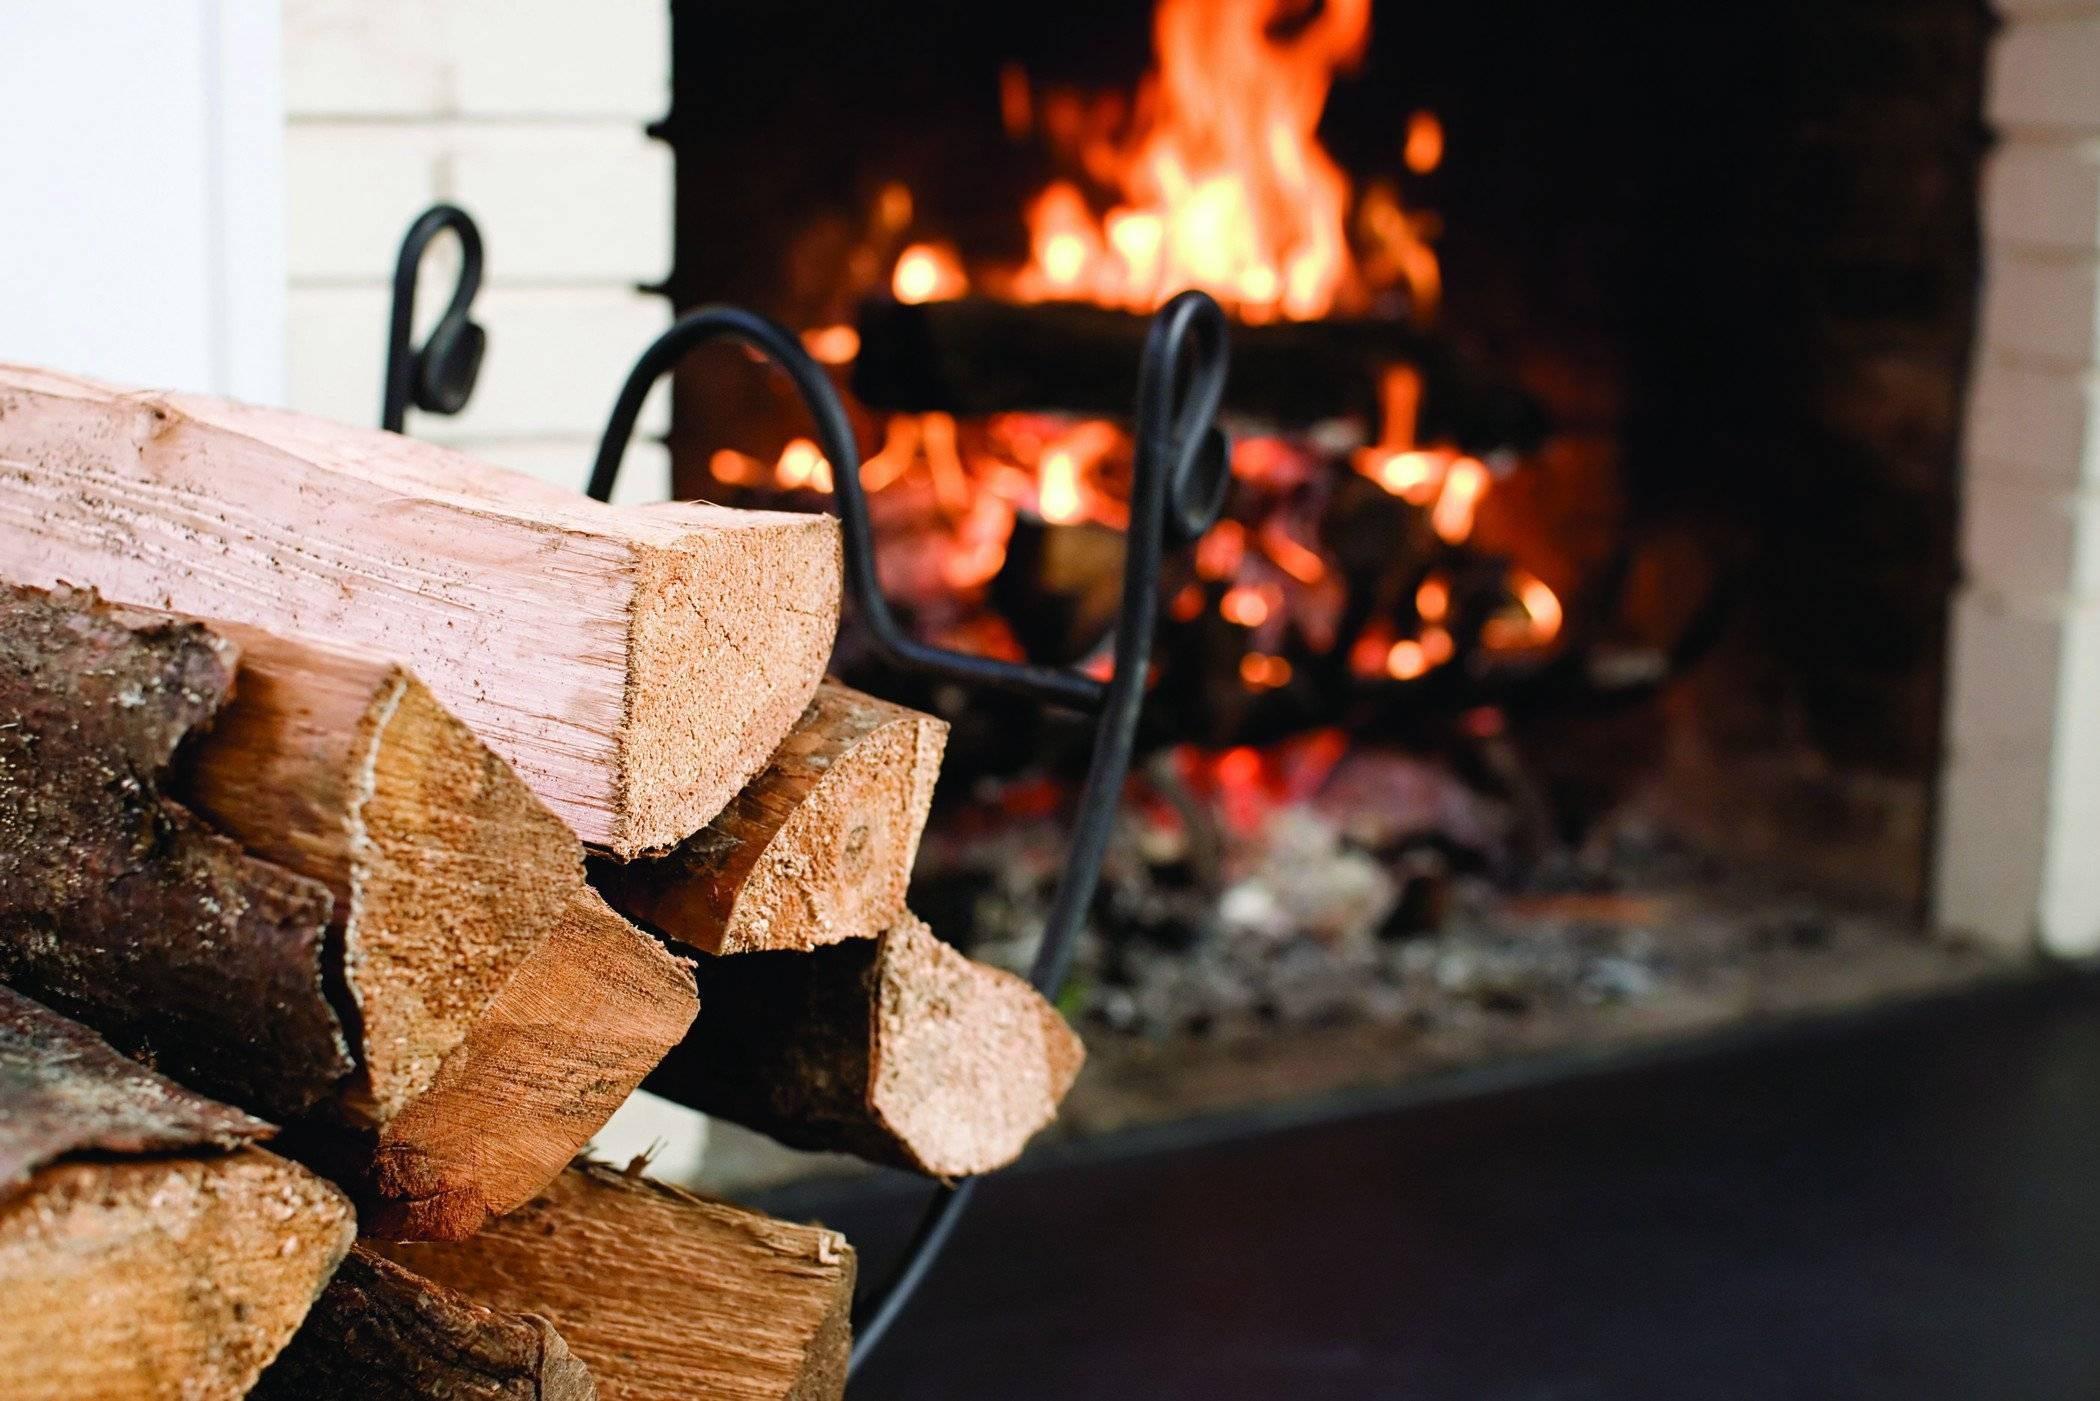 Какие дрова лучше для печки: самые жаркие и теплые чтобы топить баню, камин, твердотопливный котел и чистить дымоход от сажи +таблица